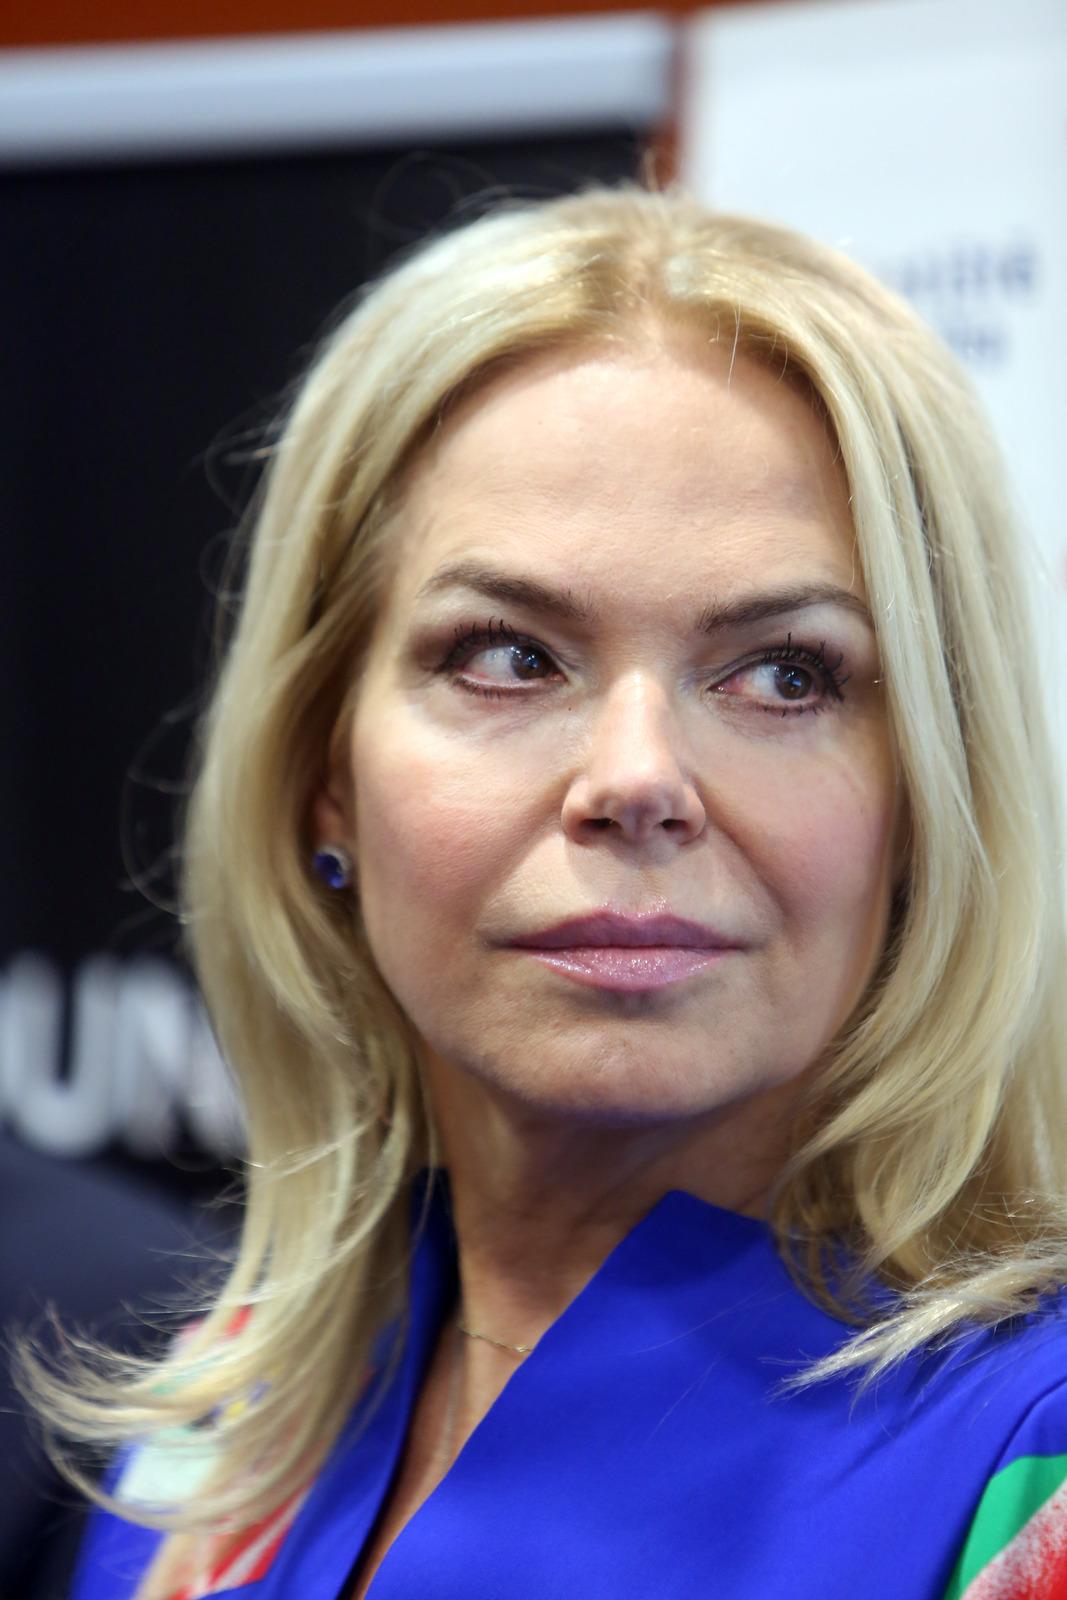 Dagmar Havlova nude photos 2019